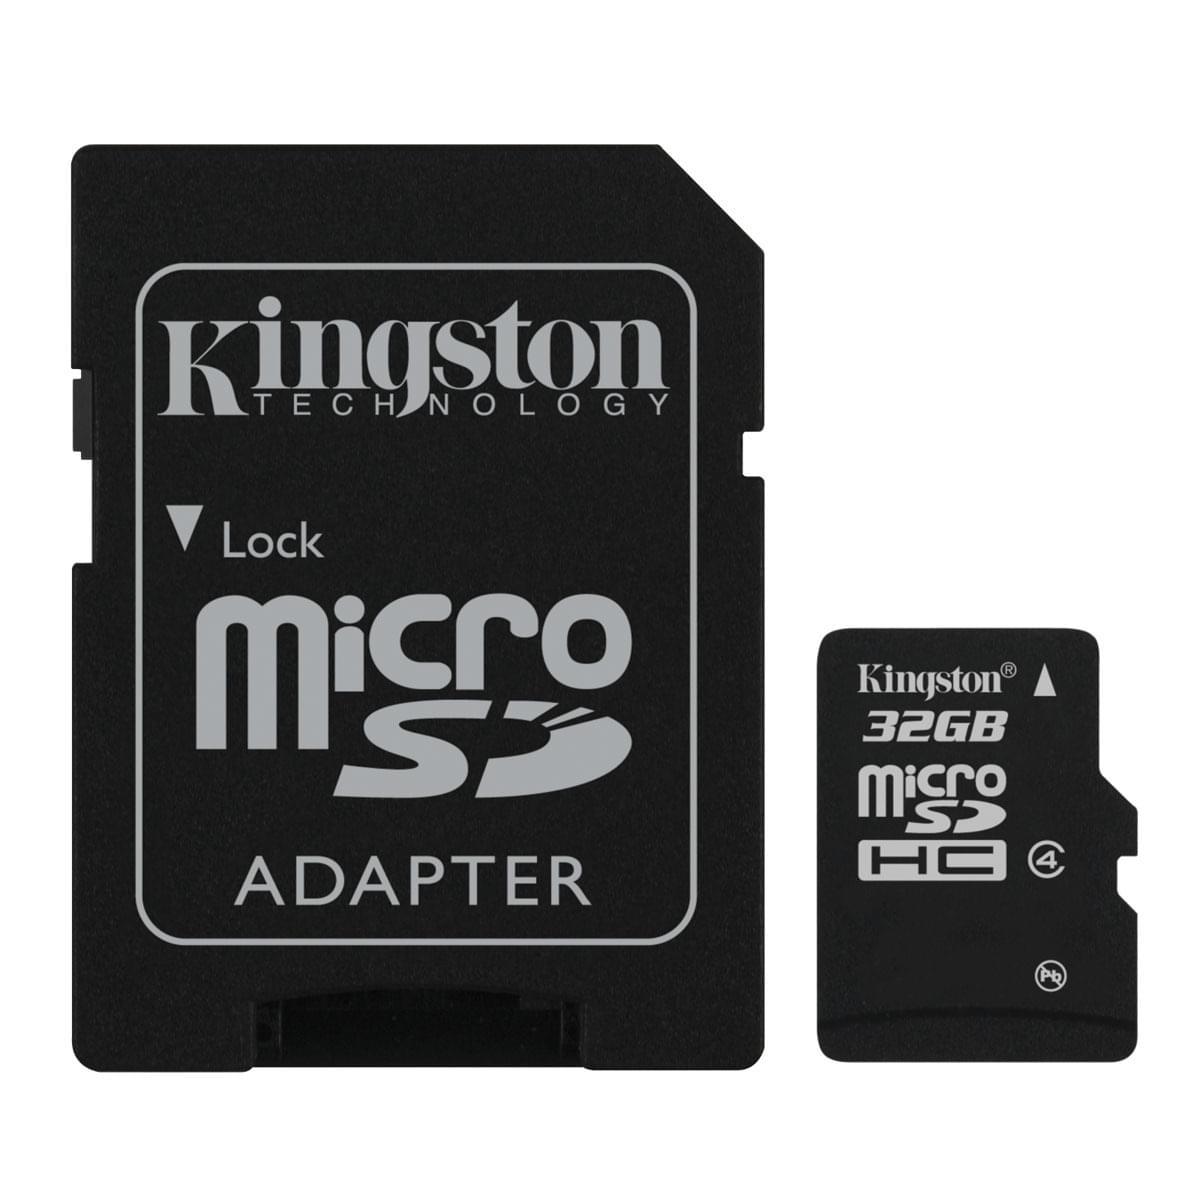 Kingston Micro SDHC 32Go SDC4/32GB class 4 (SDC4/32G soldé) - Achat / Vente Carte mémoire sur Cybertek.fr - 0